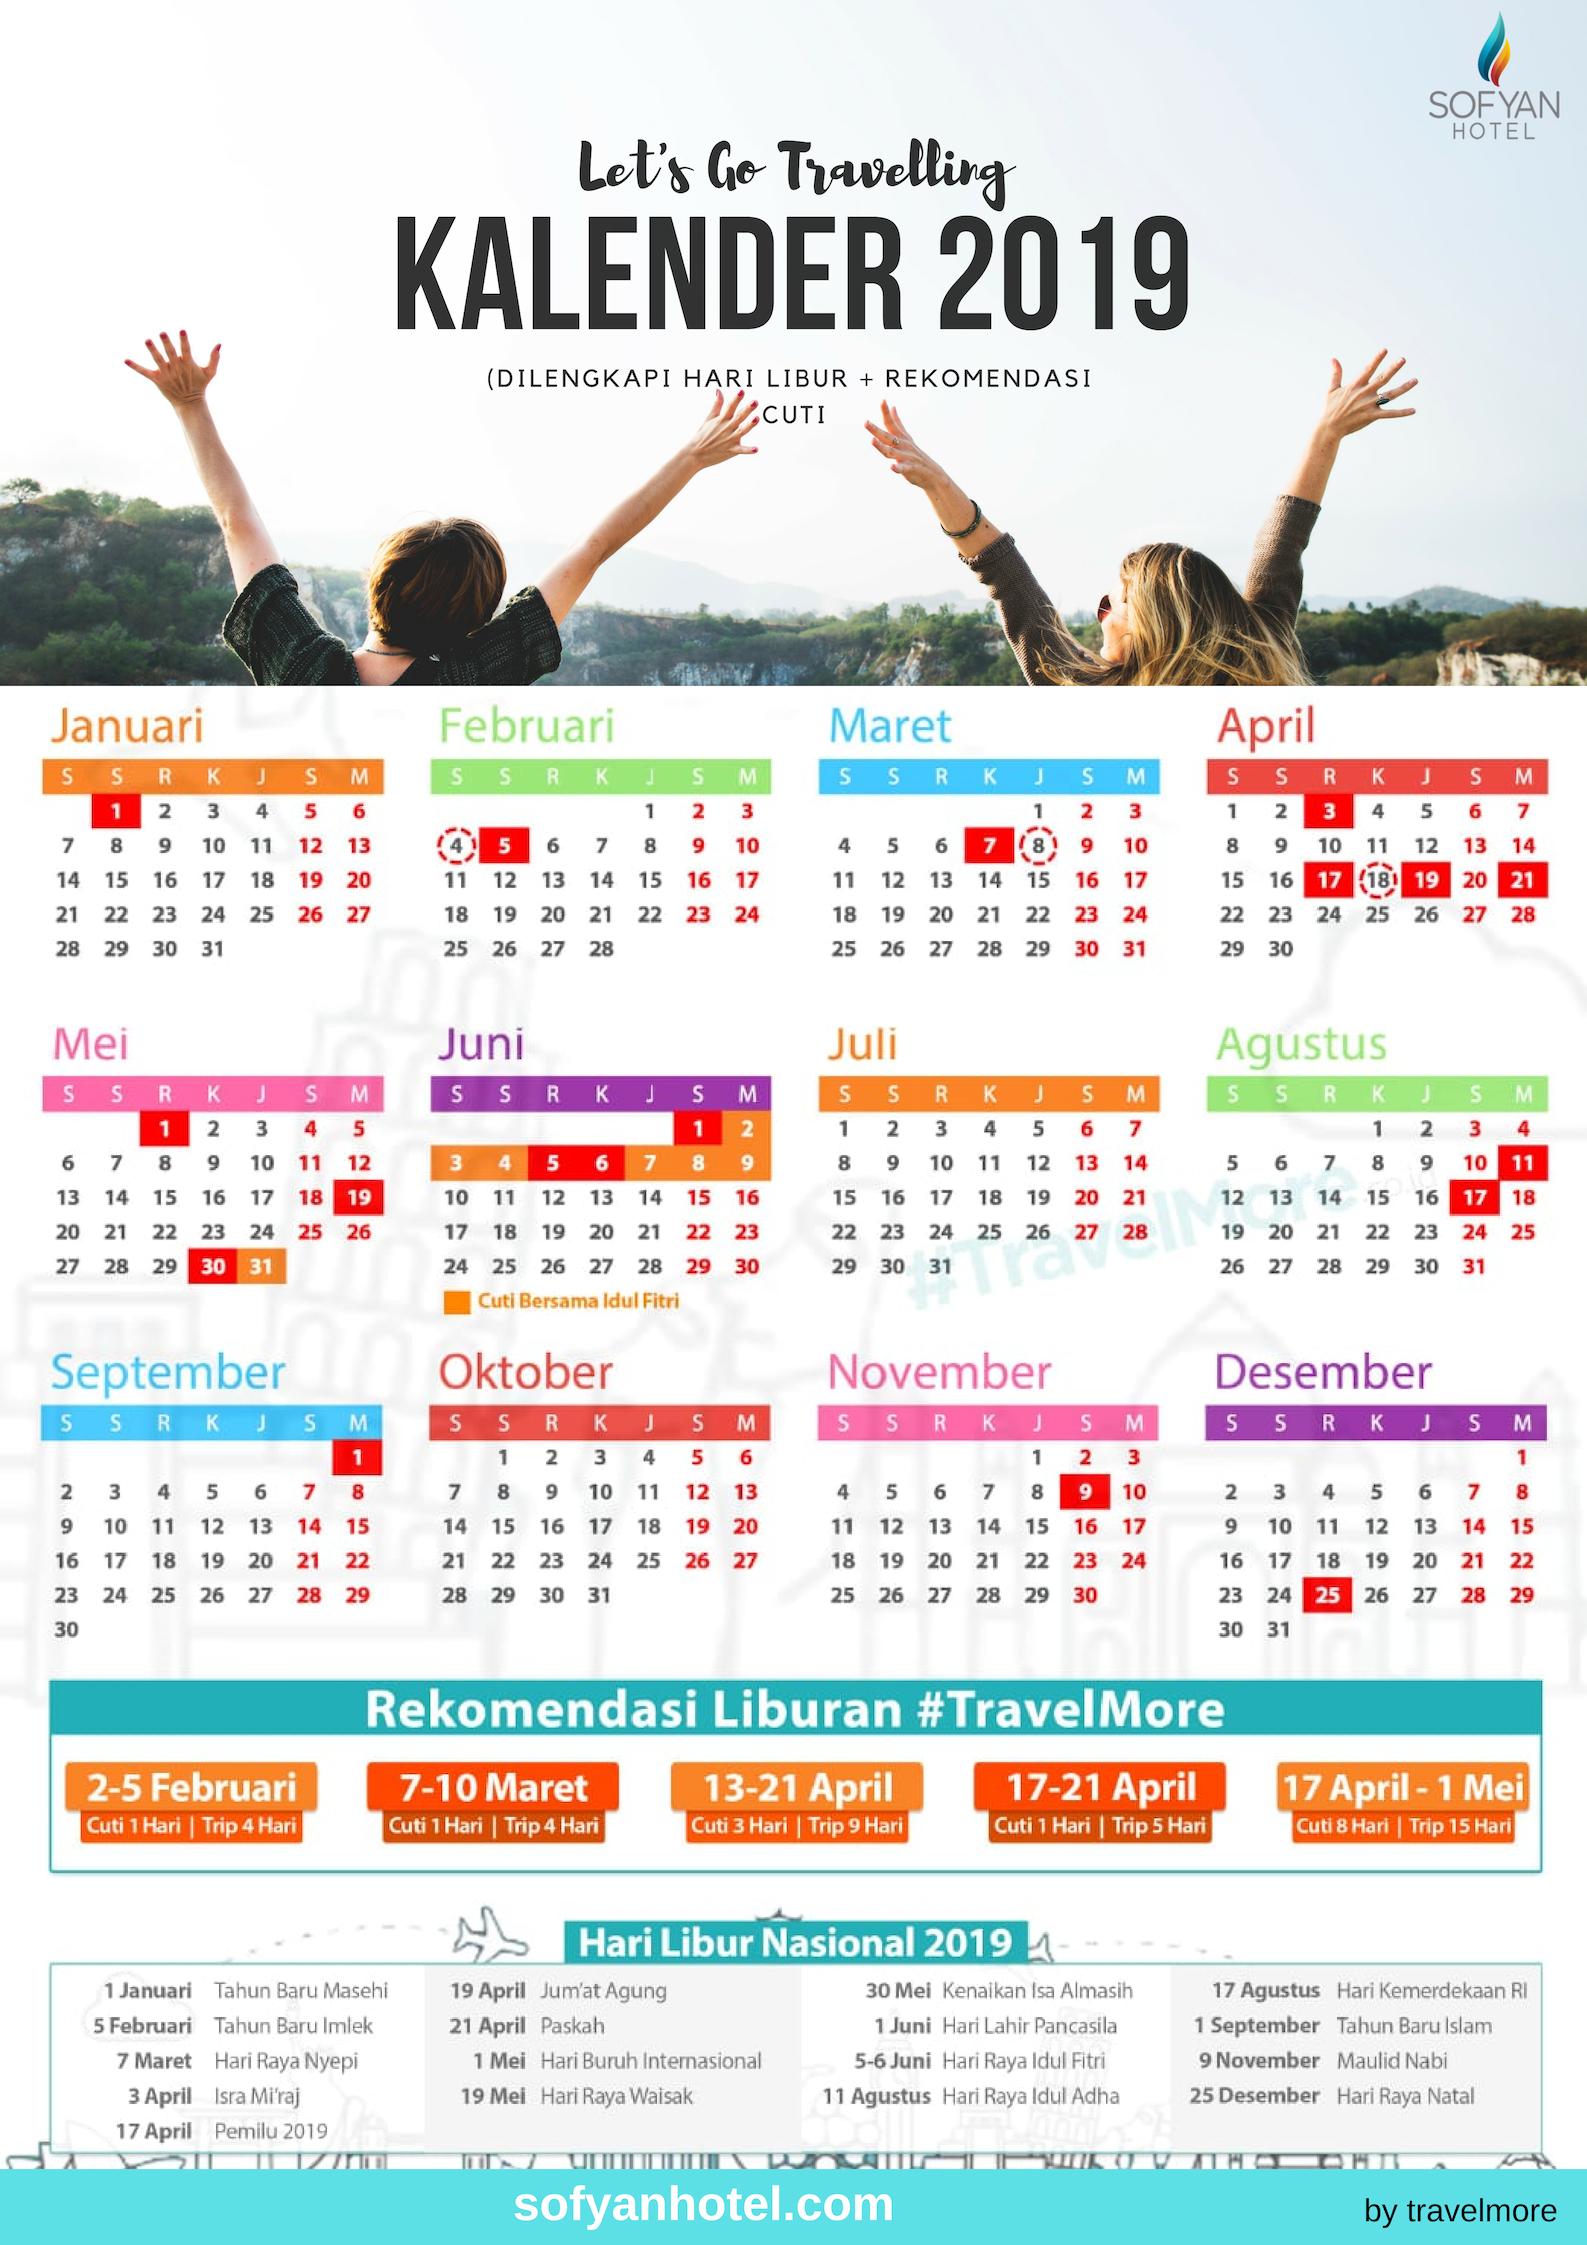 Download Kalender 2019 Kalender Libur 2019 Rekomendasi Cuti